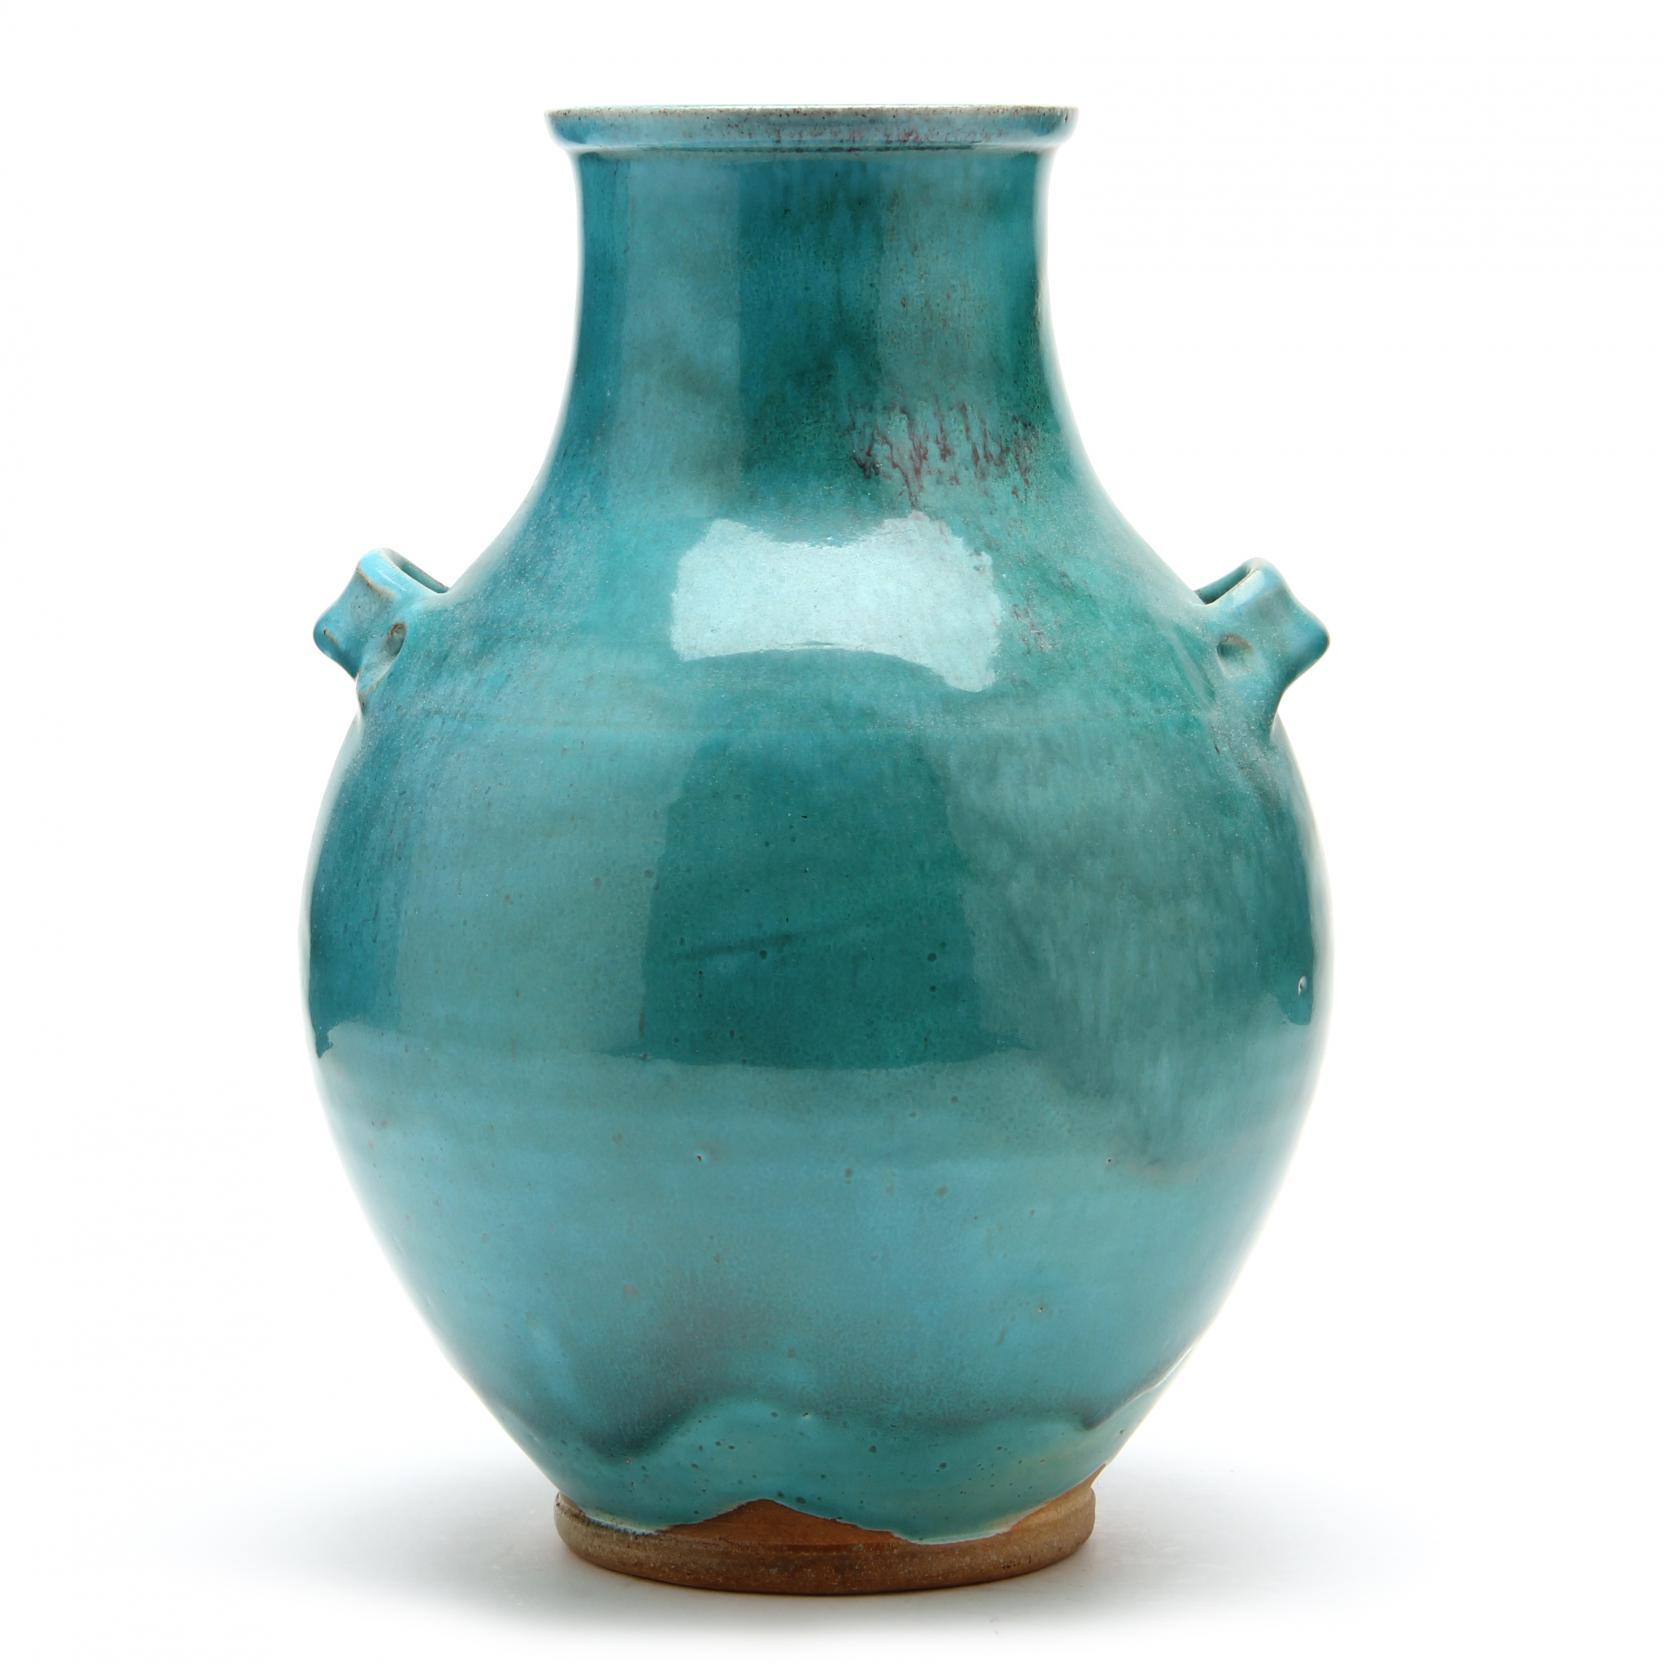 ben-owen-iii-han-vase